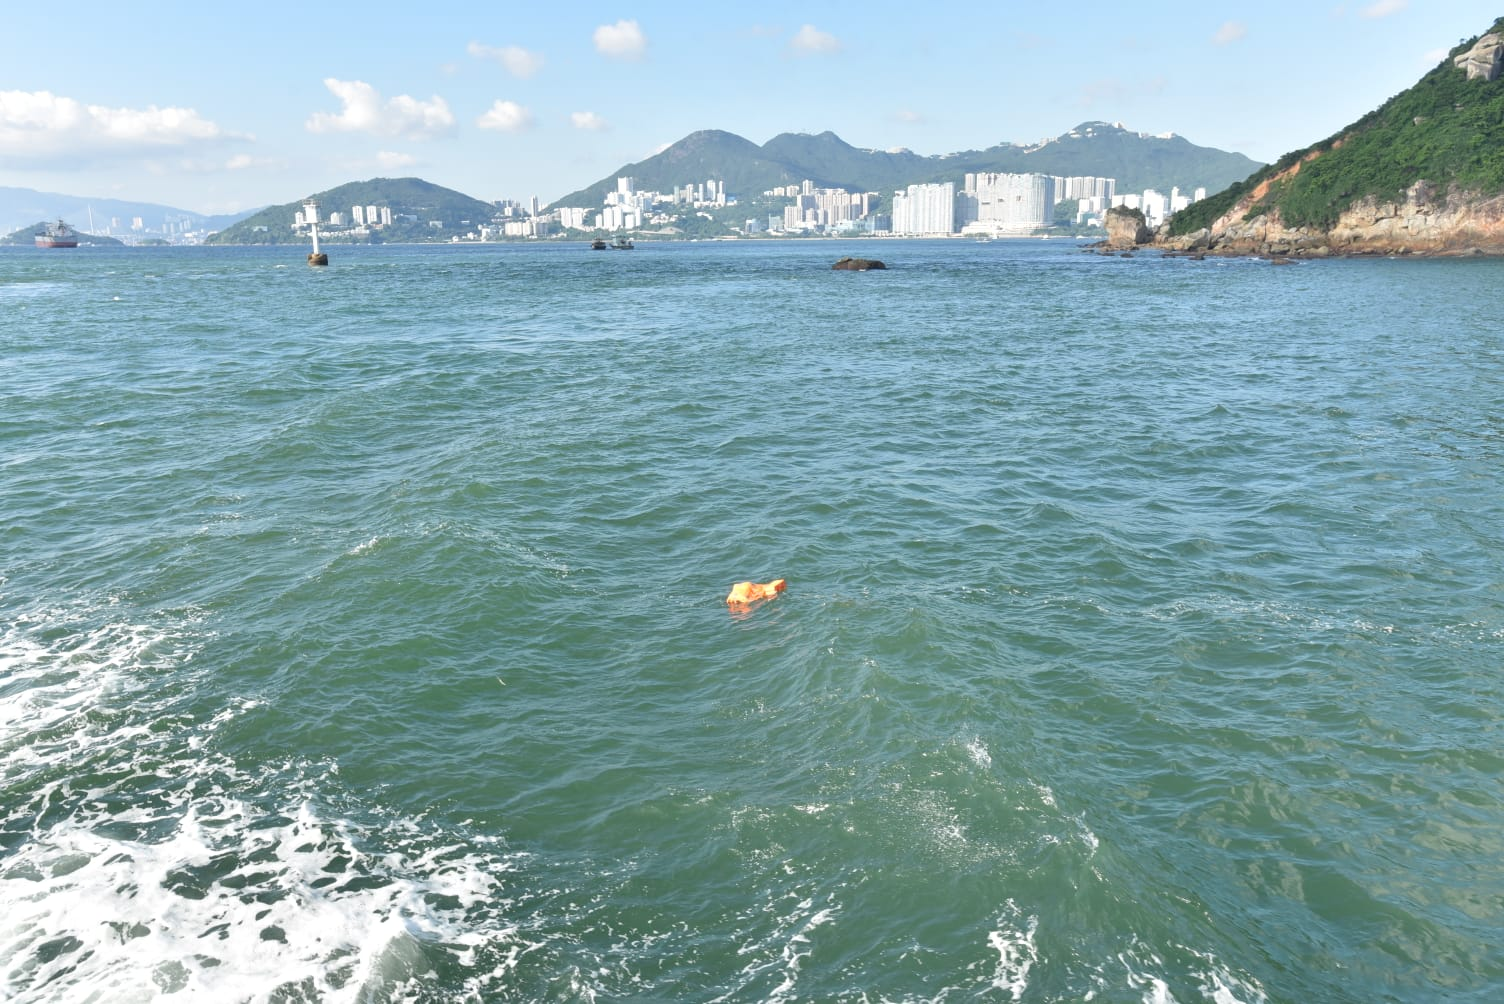 海面有救生衣漂浮